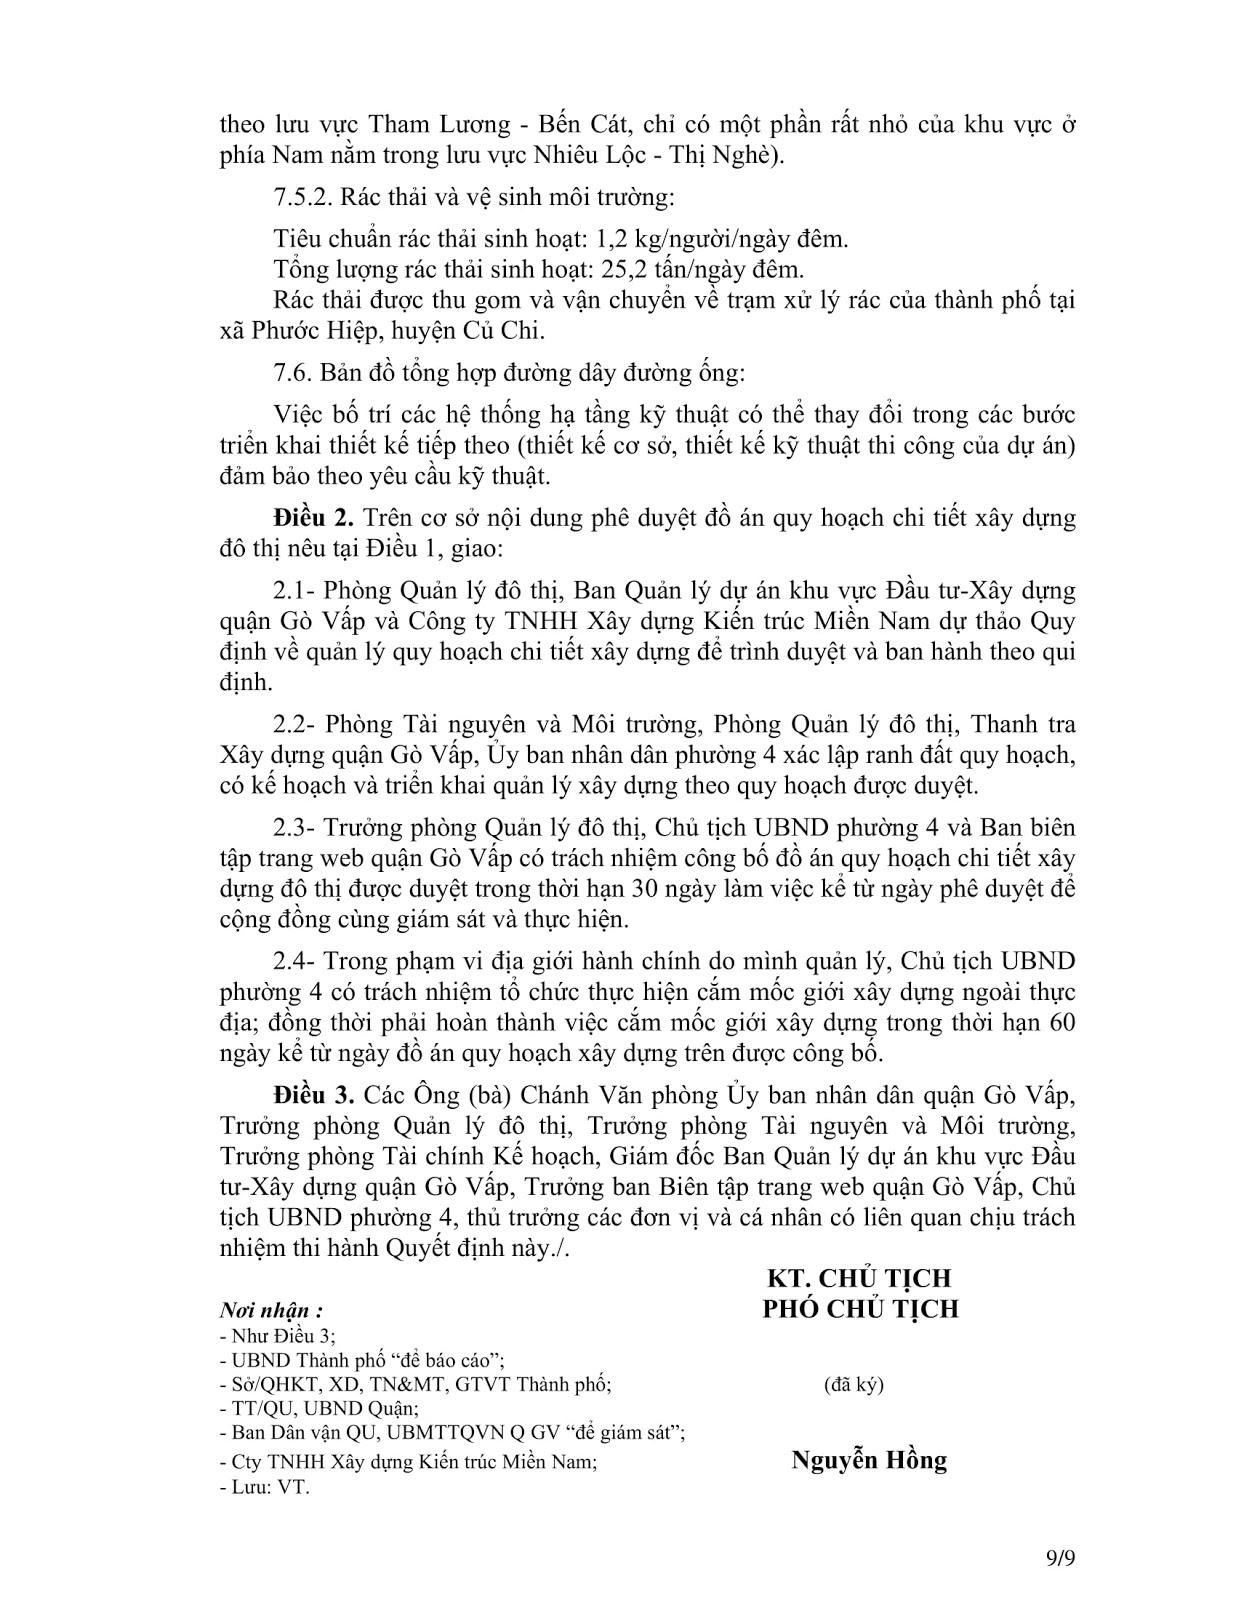 Quyết Định Số 2921/QĐ-UBND Quy Hoạch Khu Dân Cư Phường 4 Quận Gò Vấp Tờ 9